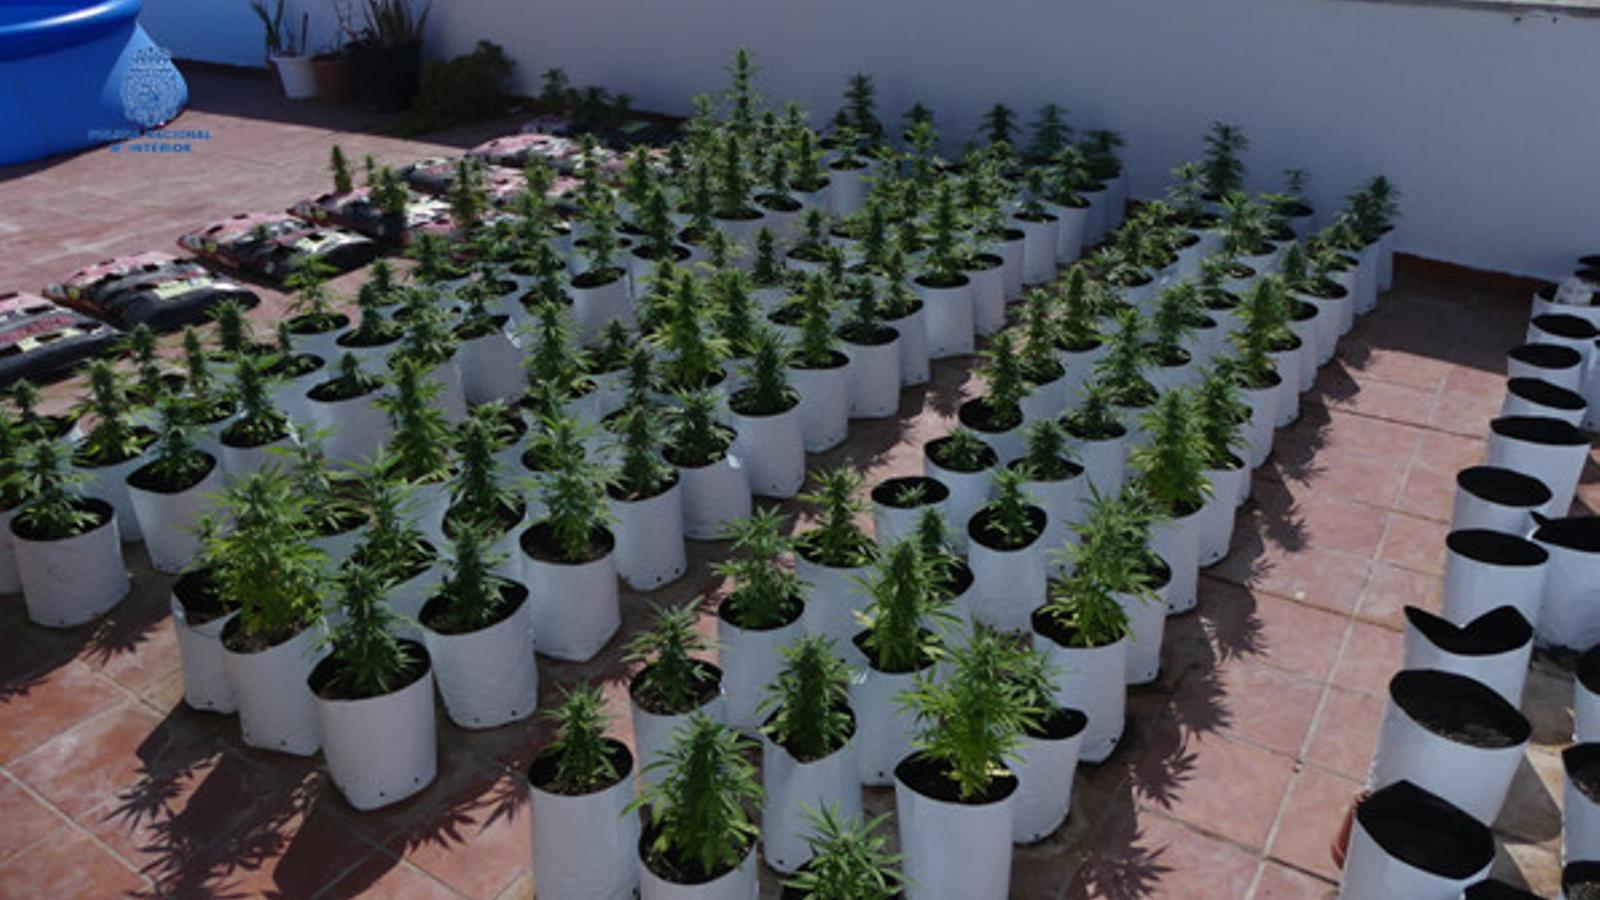 És la segona plantació de marihuana intervinguda per la Policia Nacional a Ciutadella en tan sols quinze dies.